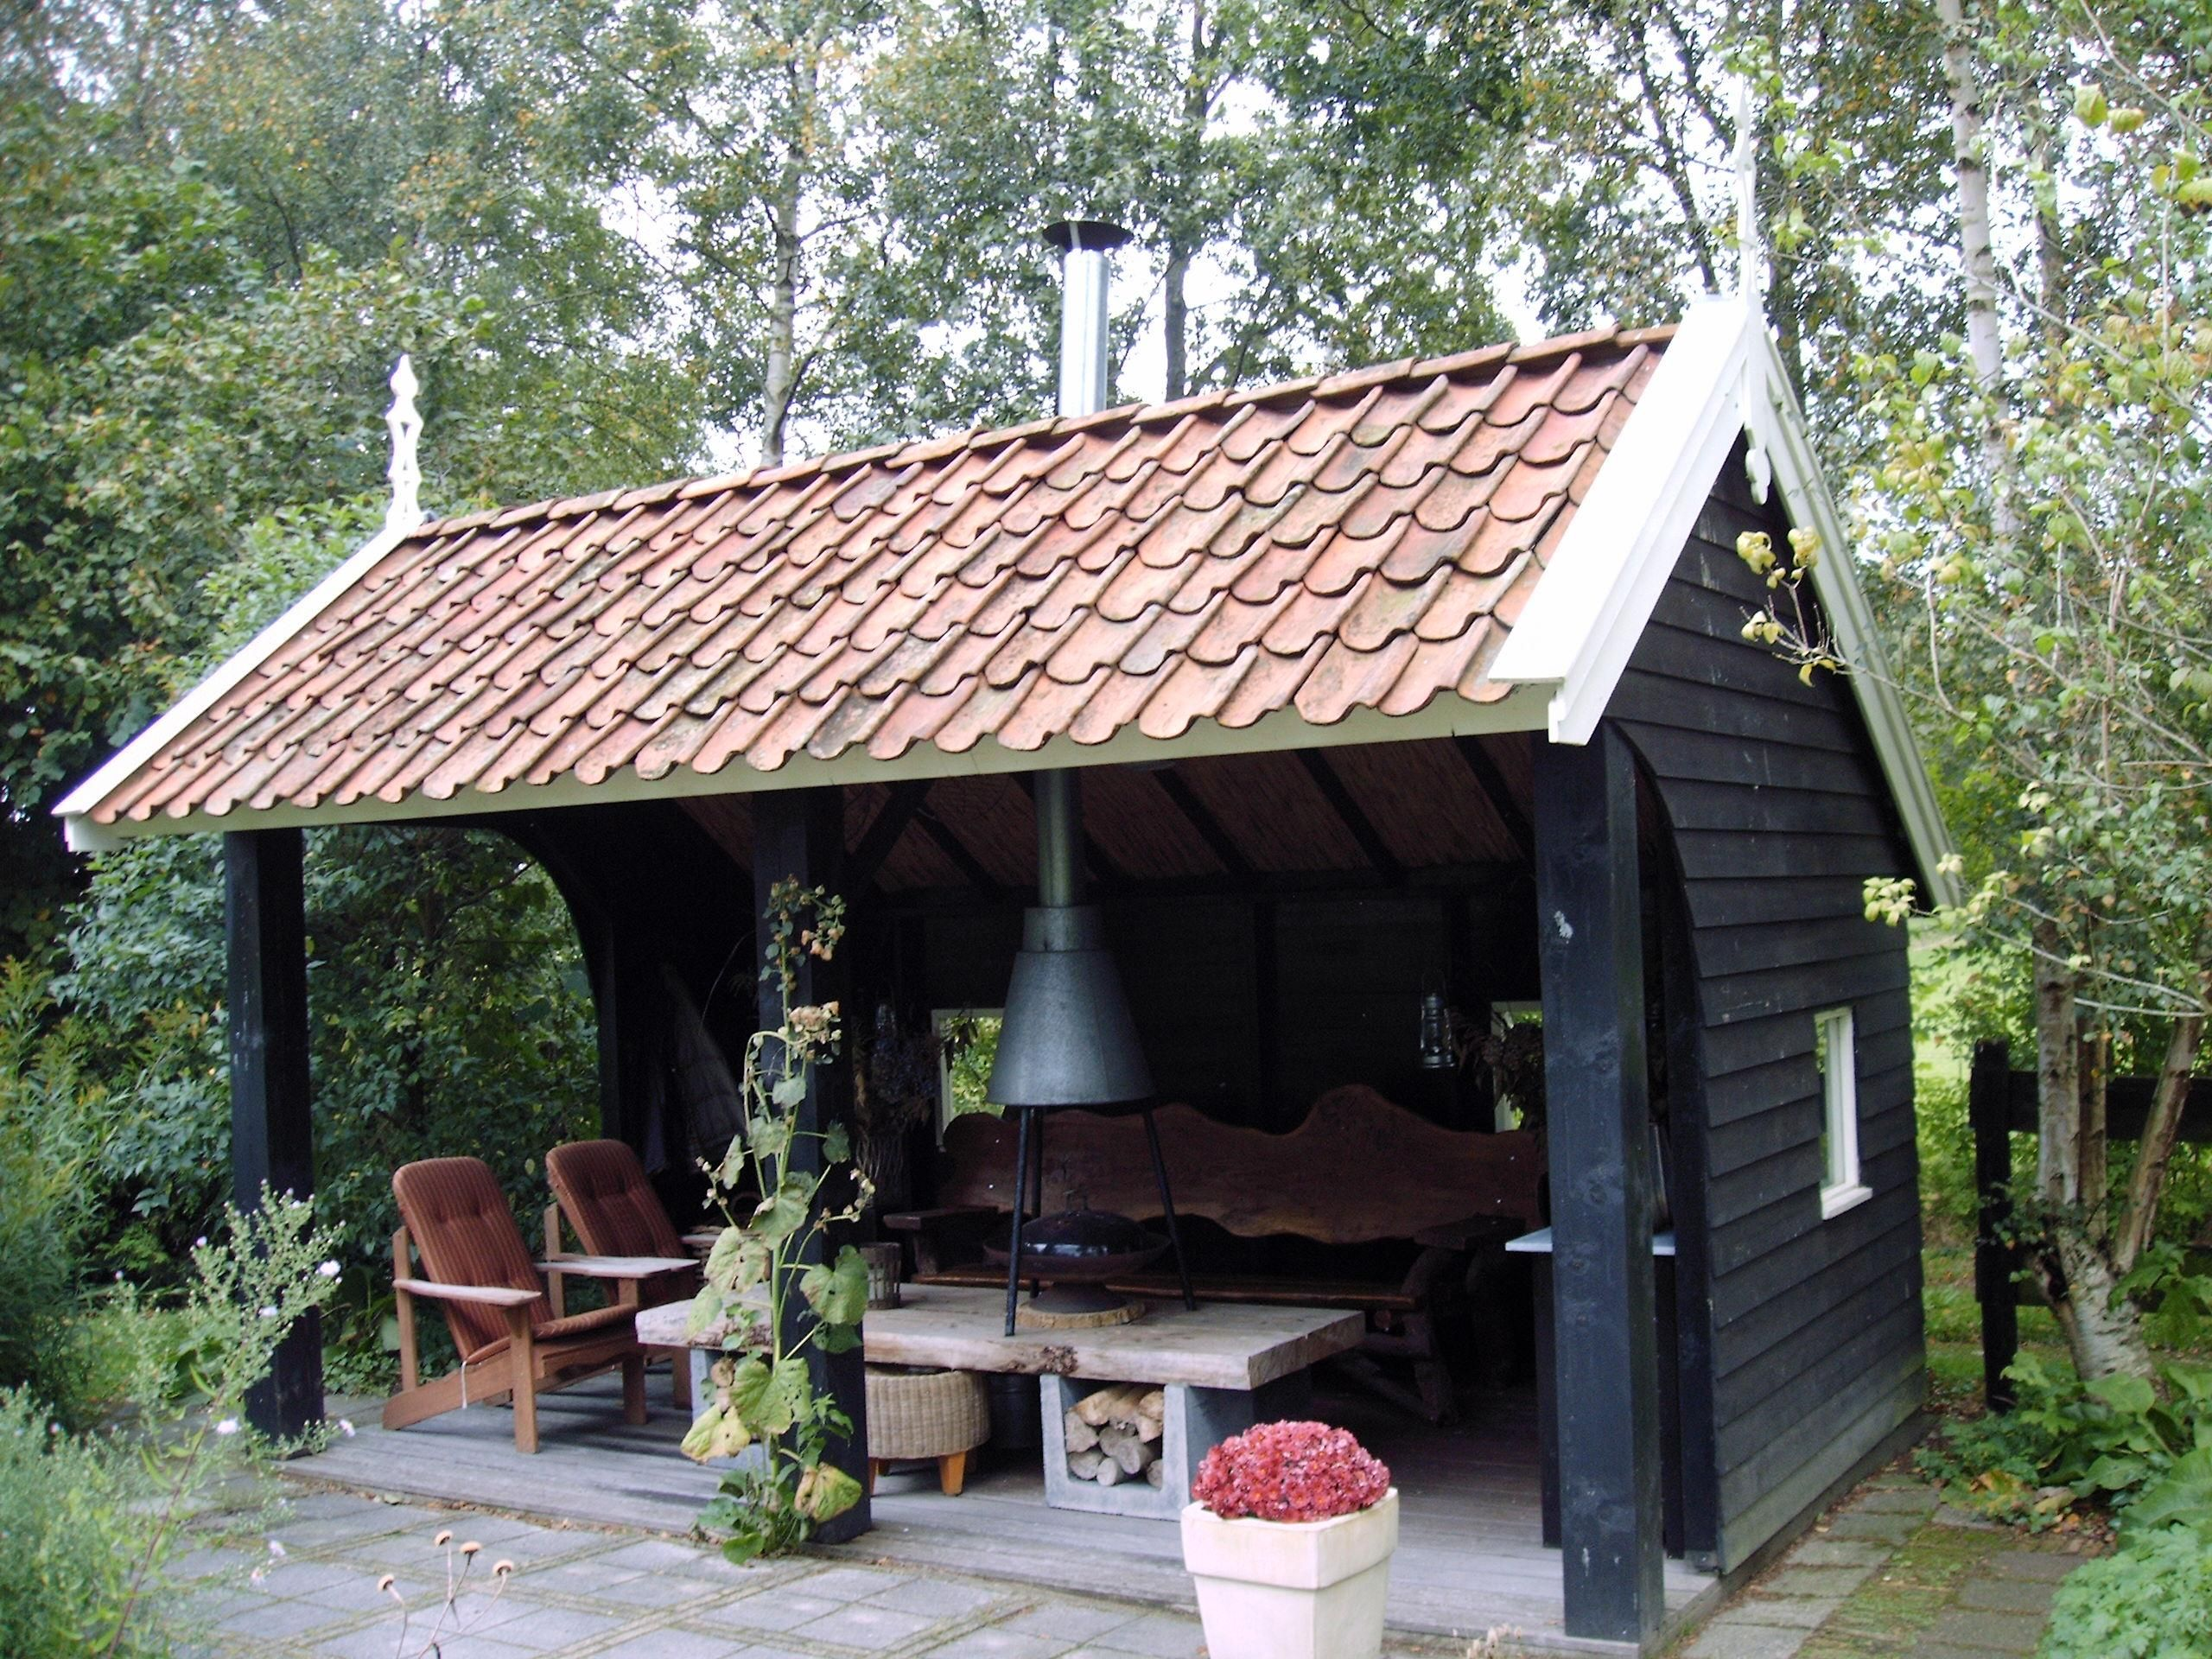 Gartenhaus Outdoor Küche : Outdoor küche im gartenhaus gartenküche und outdoorküche grillen